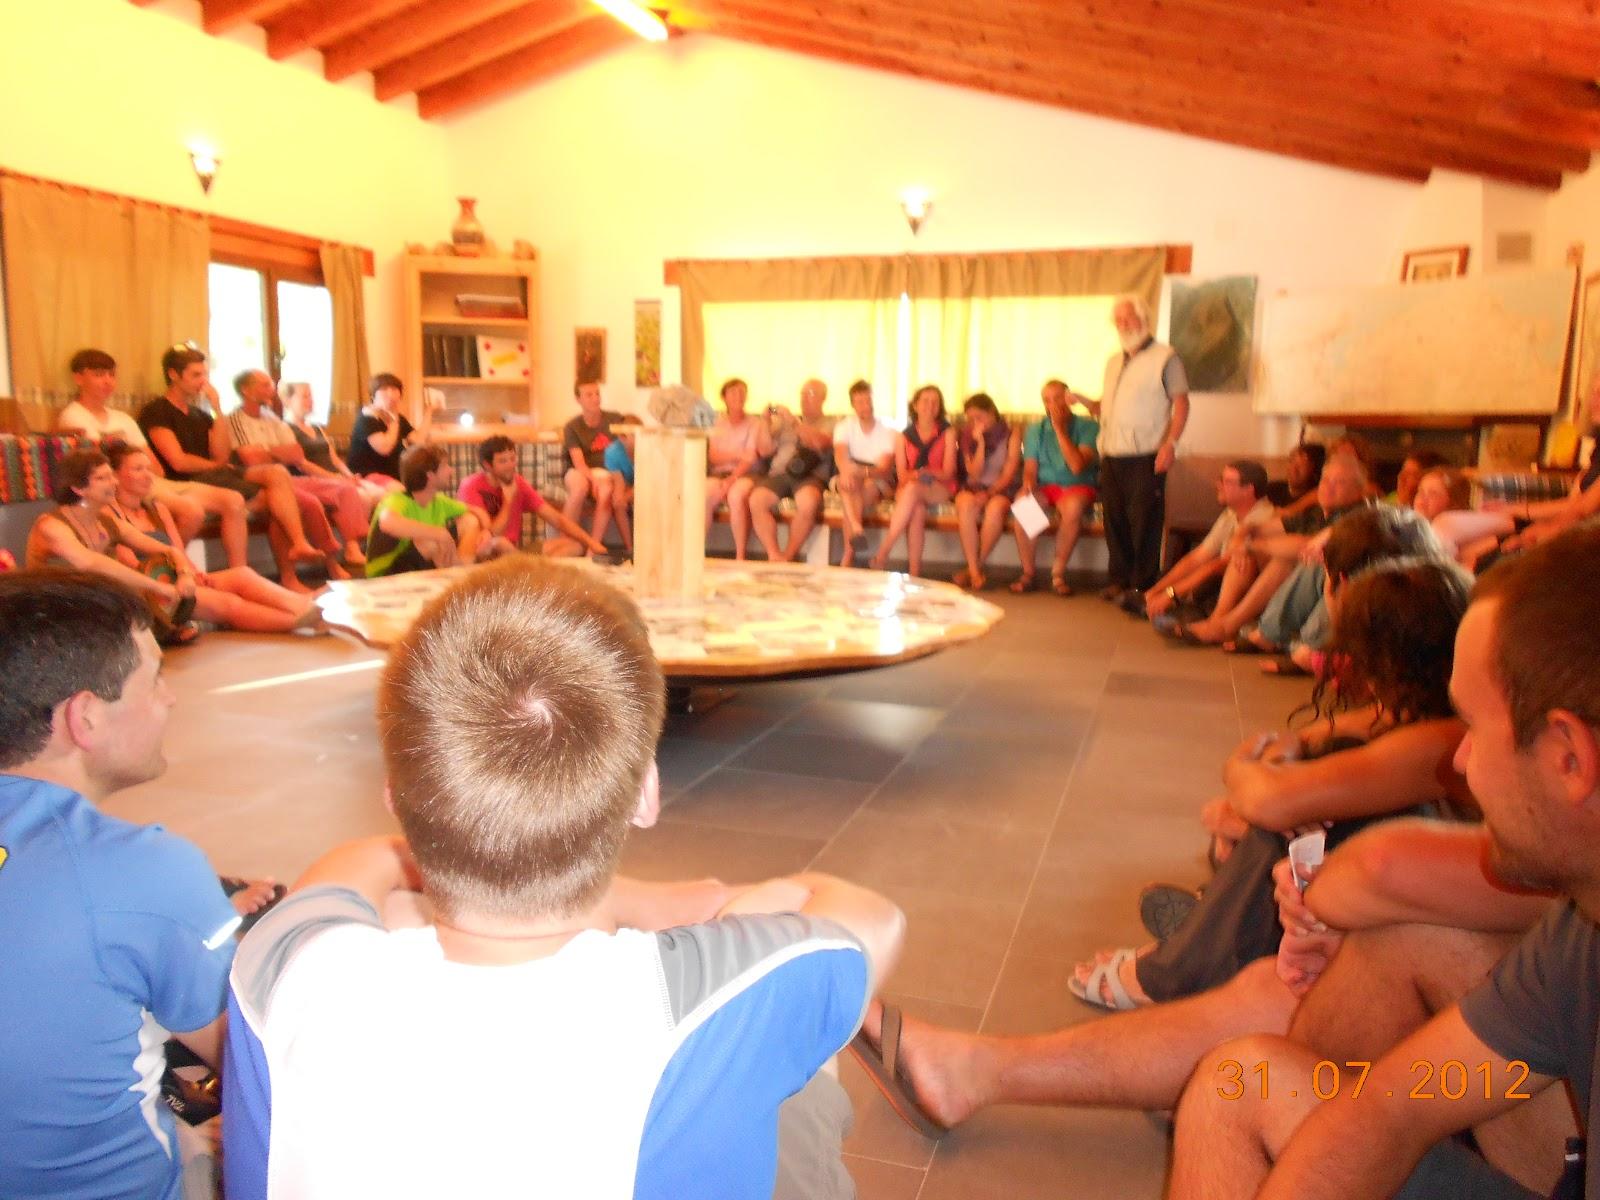 Escuela y familia cat lica la oportunidad pastoral nica - Guemes cantabria ...